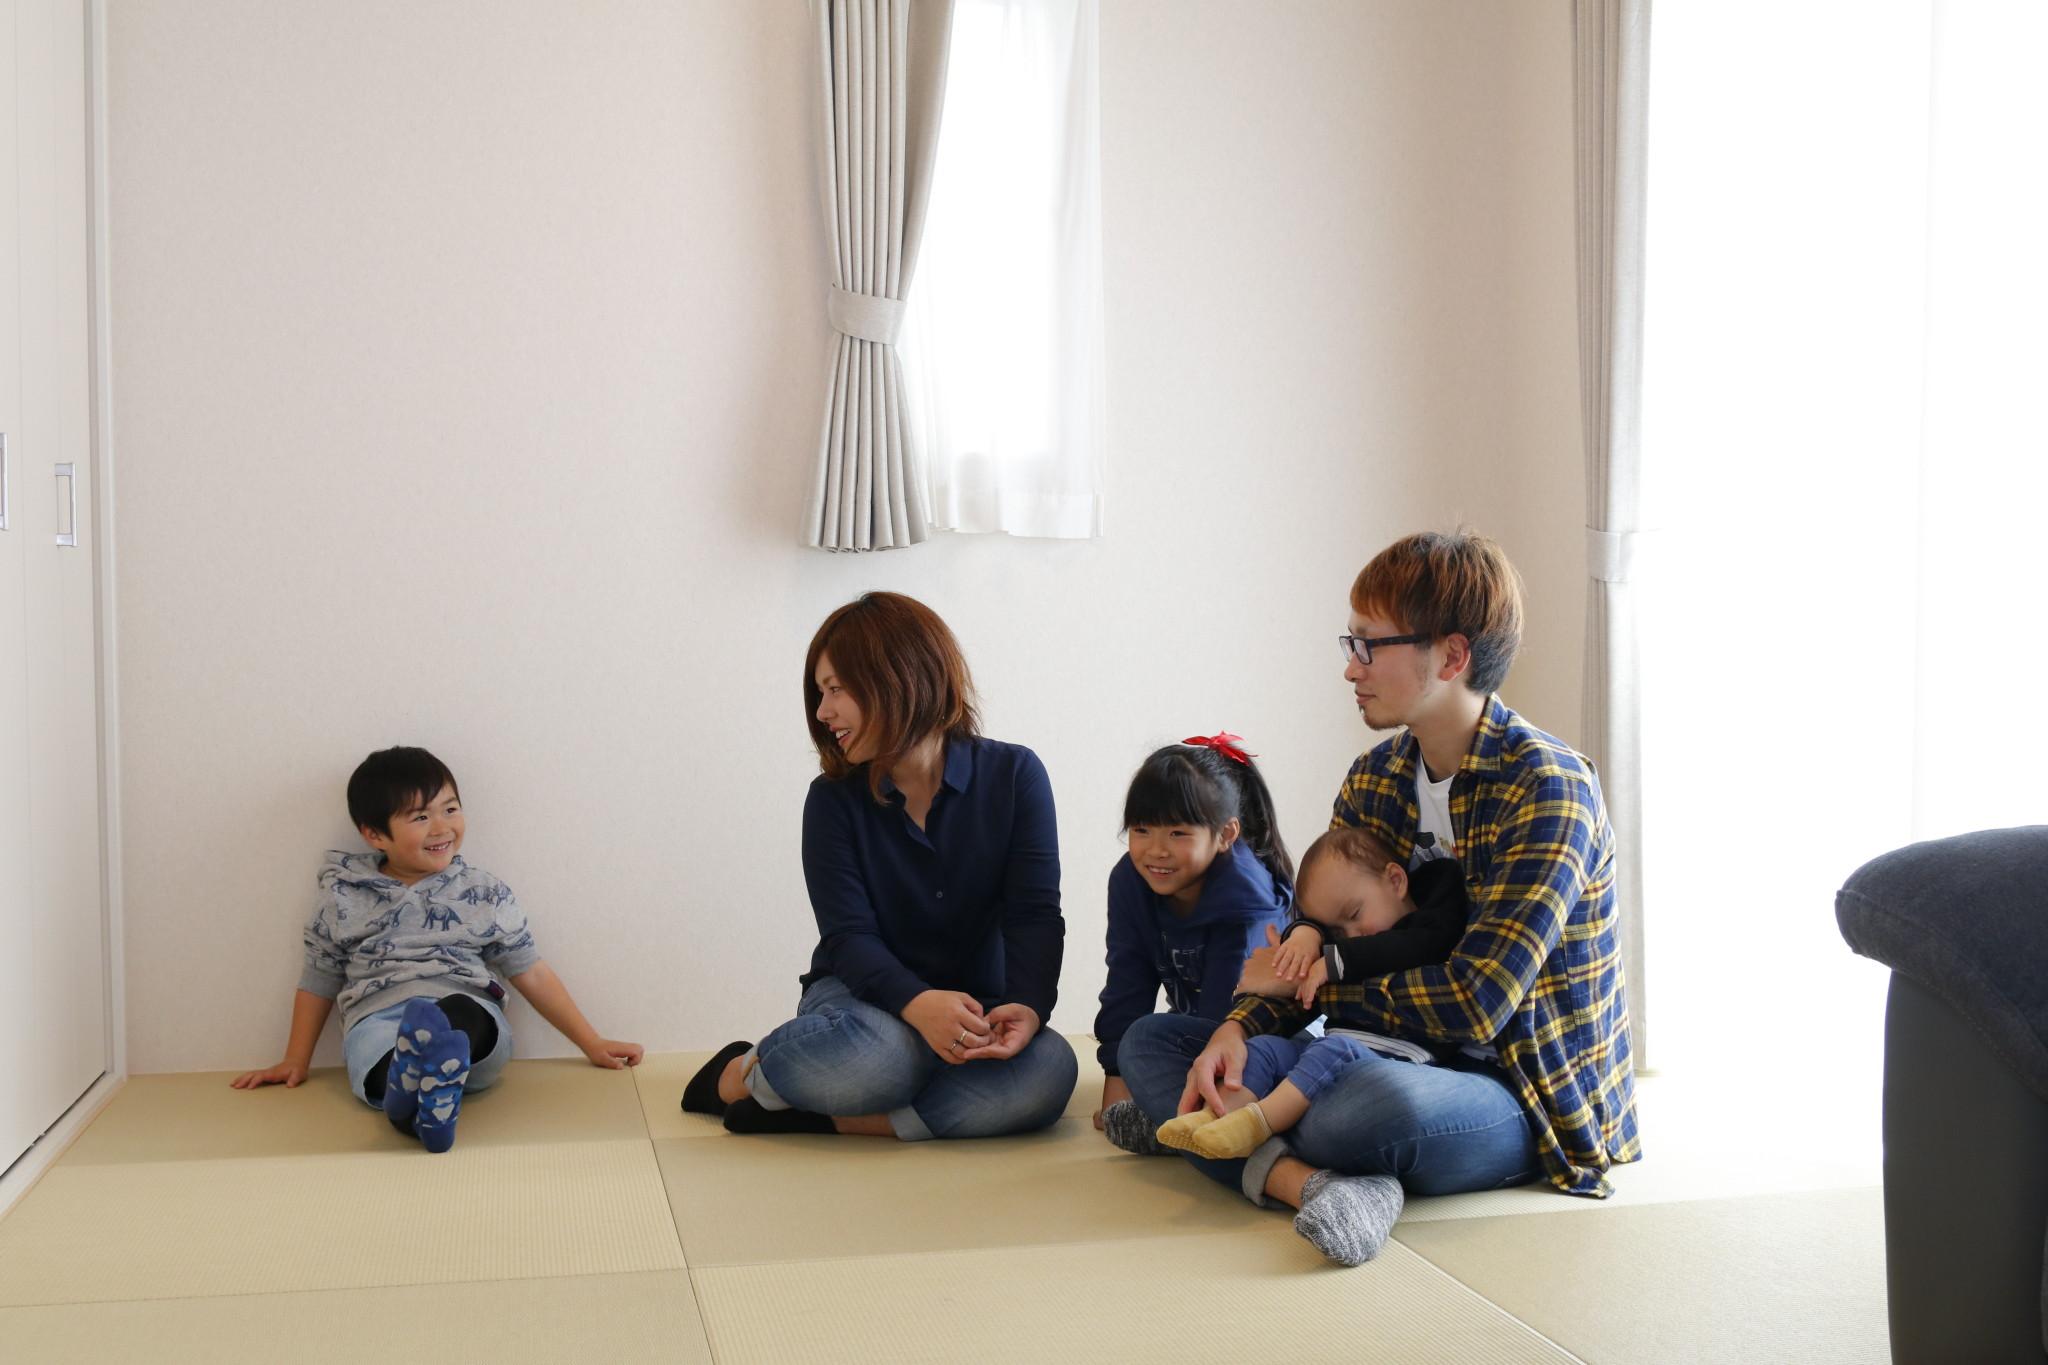 <p>勝美住宅をどのようにして知りましたか?</p> <p>土地はすぐに見つかりましたか?</p>